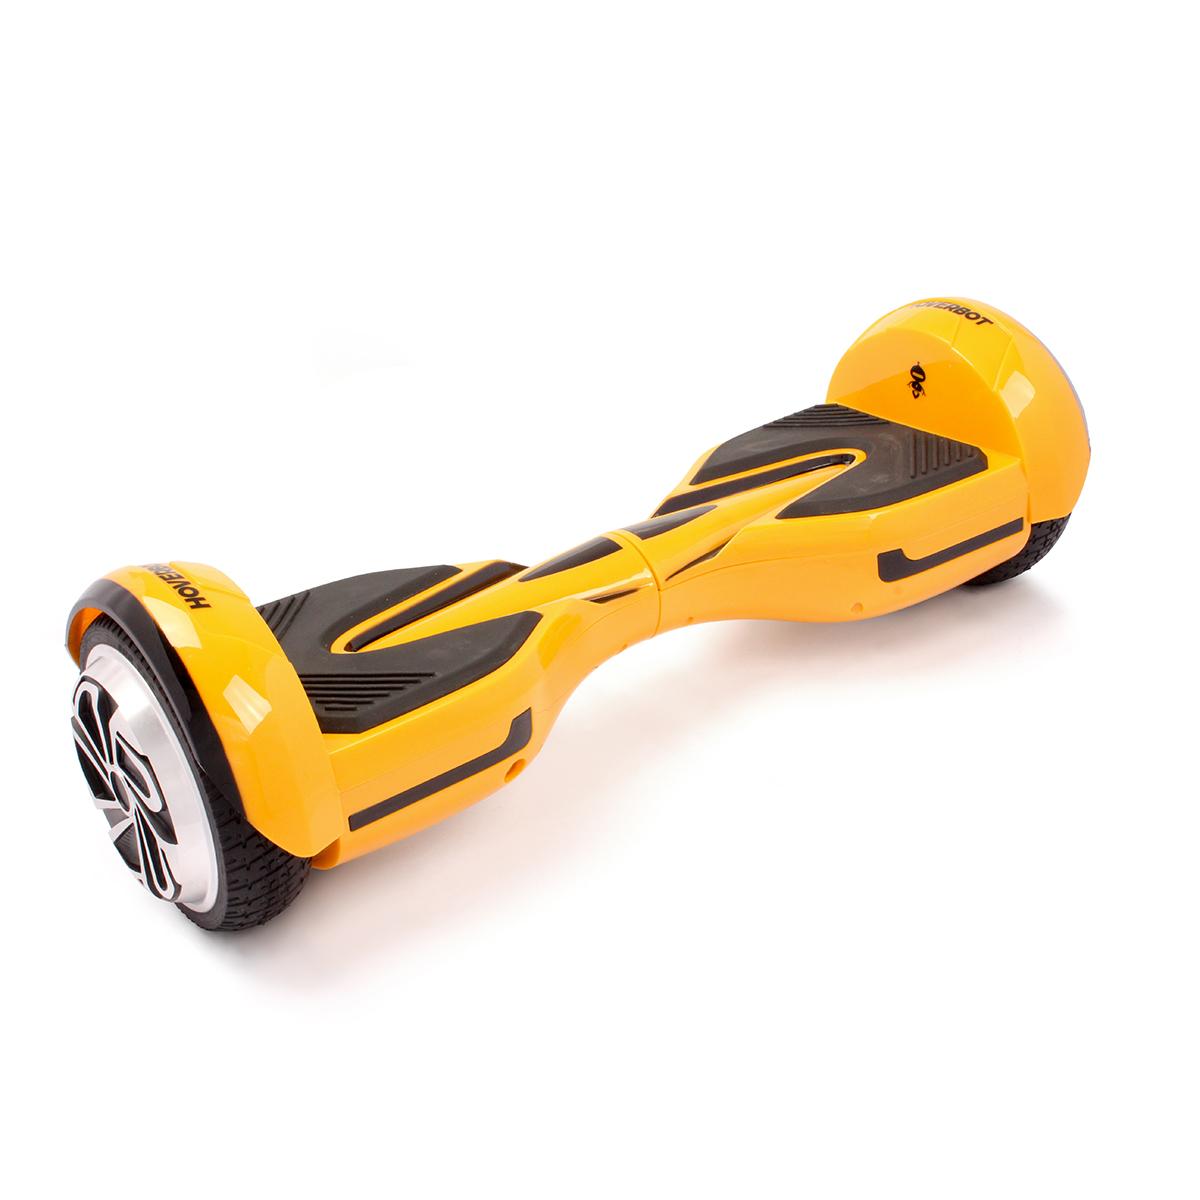 """Гироскутер Hoverbot A-12 (H-2), цвет: желтыйGA12YWГироскутер A-12 (H-2) имеет современный спортивный дизайн, который располагаетк быстрой езде. Данная модель отлично подойдёт для опытных пользователей.Устройство по праву занимает одно из достойных мест в классе 6,5 колёс. Имея большойзапас хода и мощный мотор (2х400W) Hoverbot A12, бесшумно преодолевает расстояниев 15 км на одном заряде батареи. Хорошее сцепление с дорогой и устойчивый ход бордаA12 позволяет опытным райдерам быстро набирать скорость и успешно маневрироватьдаже в самых экстремальных ситуациях. Покупая Hoverbot A12 вы покупаете не толькосредство для развлечения, но и универсальное средство передвижения, которое можнолегко брать с собой в дорогу, поскольку он компактен и помещается в любую машину.Благодаря своему небольшому весу (10 кг) вы легко можете взять его в руки зацентральную часть борда и перенести через препятствие, продолжить свой путь вавтобусе, либо в метро. Hoverbot А12 оснащён передними ходовыми огнями игабаритами сзади. Вся подсветка выполнена из светодиодных лампочек и имеет долгийсрок службы.Характеристики:1. Цвета: black, yellow, red2. Возможная дистанция: 15 км3. Максимальная скорость: 15 км/ч4. Аккумулятор: Lithium 4.4 Ah5. Размер колеса: 6,5"""" (165 мм)6. Мощность мотора: 2х400 W7. Максимальная нагрузка: 120 кг8. Время заряда/сеть: 120 мин/220В9. Вес нетто: 10 кг10. Вес брутто: 11,5 кг11. Влагозащита: IP5412. Условия эксплуатации: 10°C до +50°C13. Размер коробки: 675 х 260 х 265Комплектация: Зарядное устройство."""